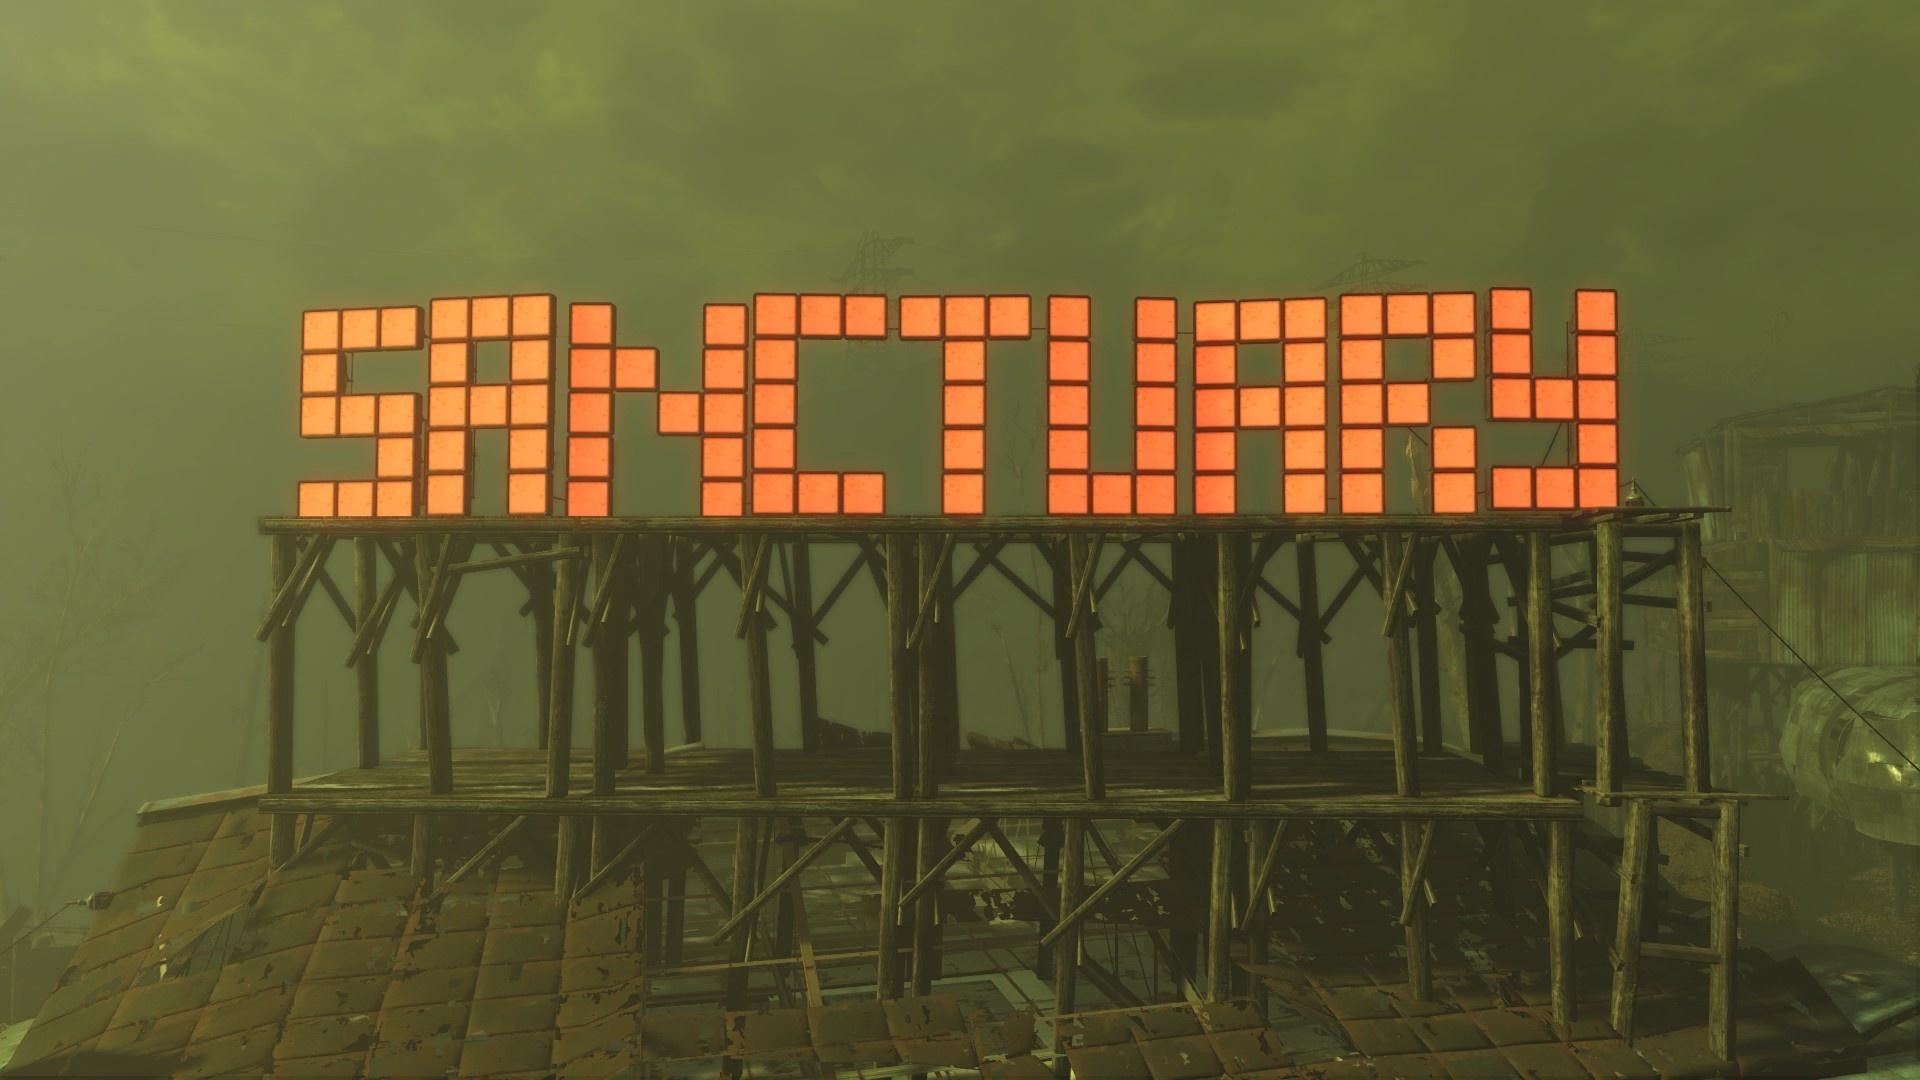 Wer sich das Massive Sanctuary City-Savegame runterlädt, lebt bald in einer echten Metropole.